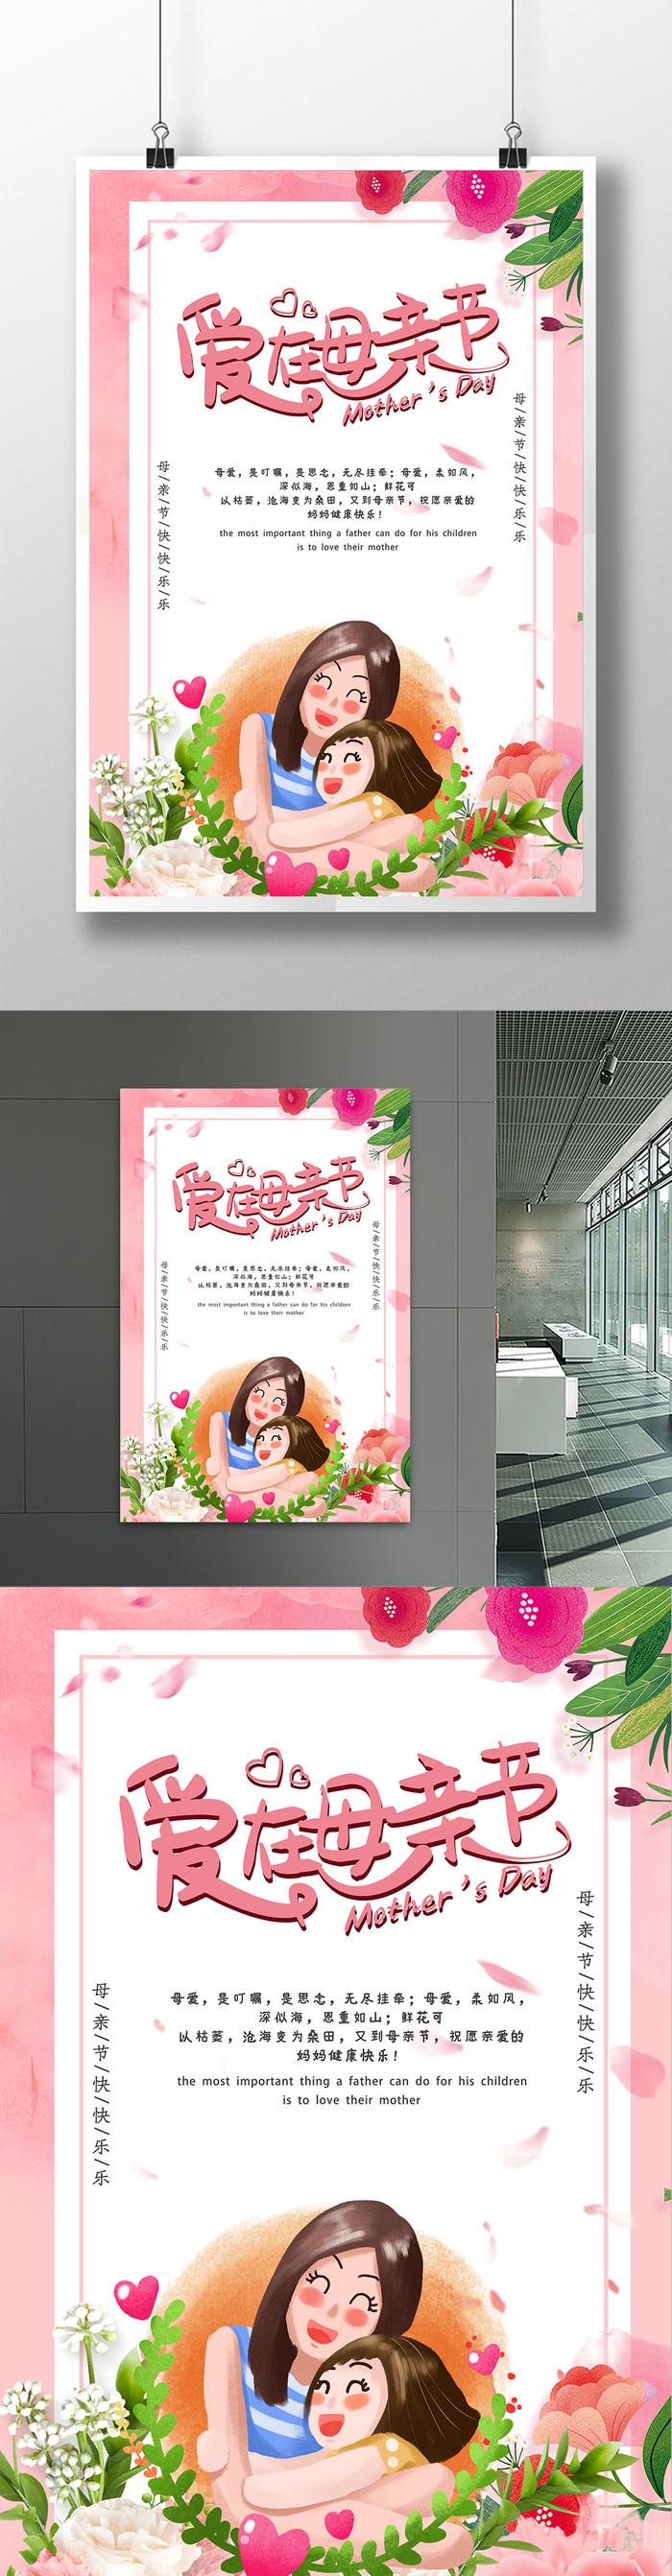 简约插画粉色感恩母亲节创意海报